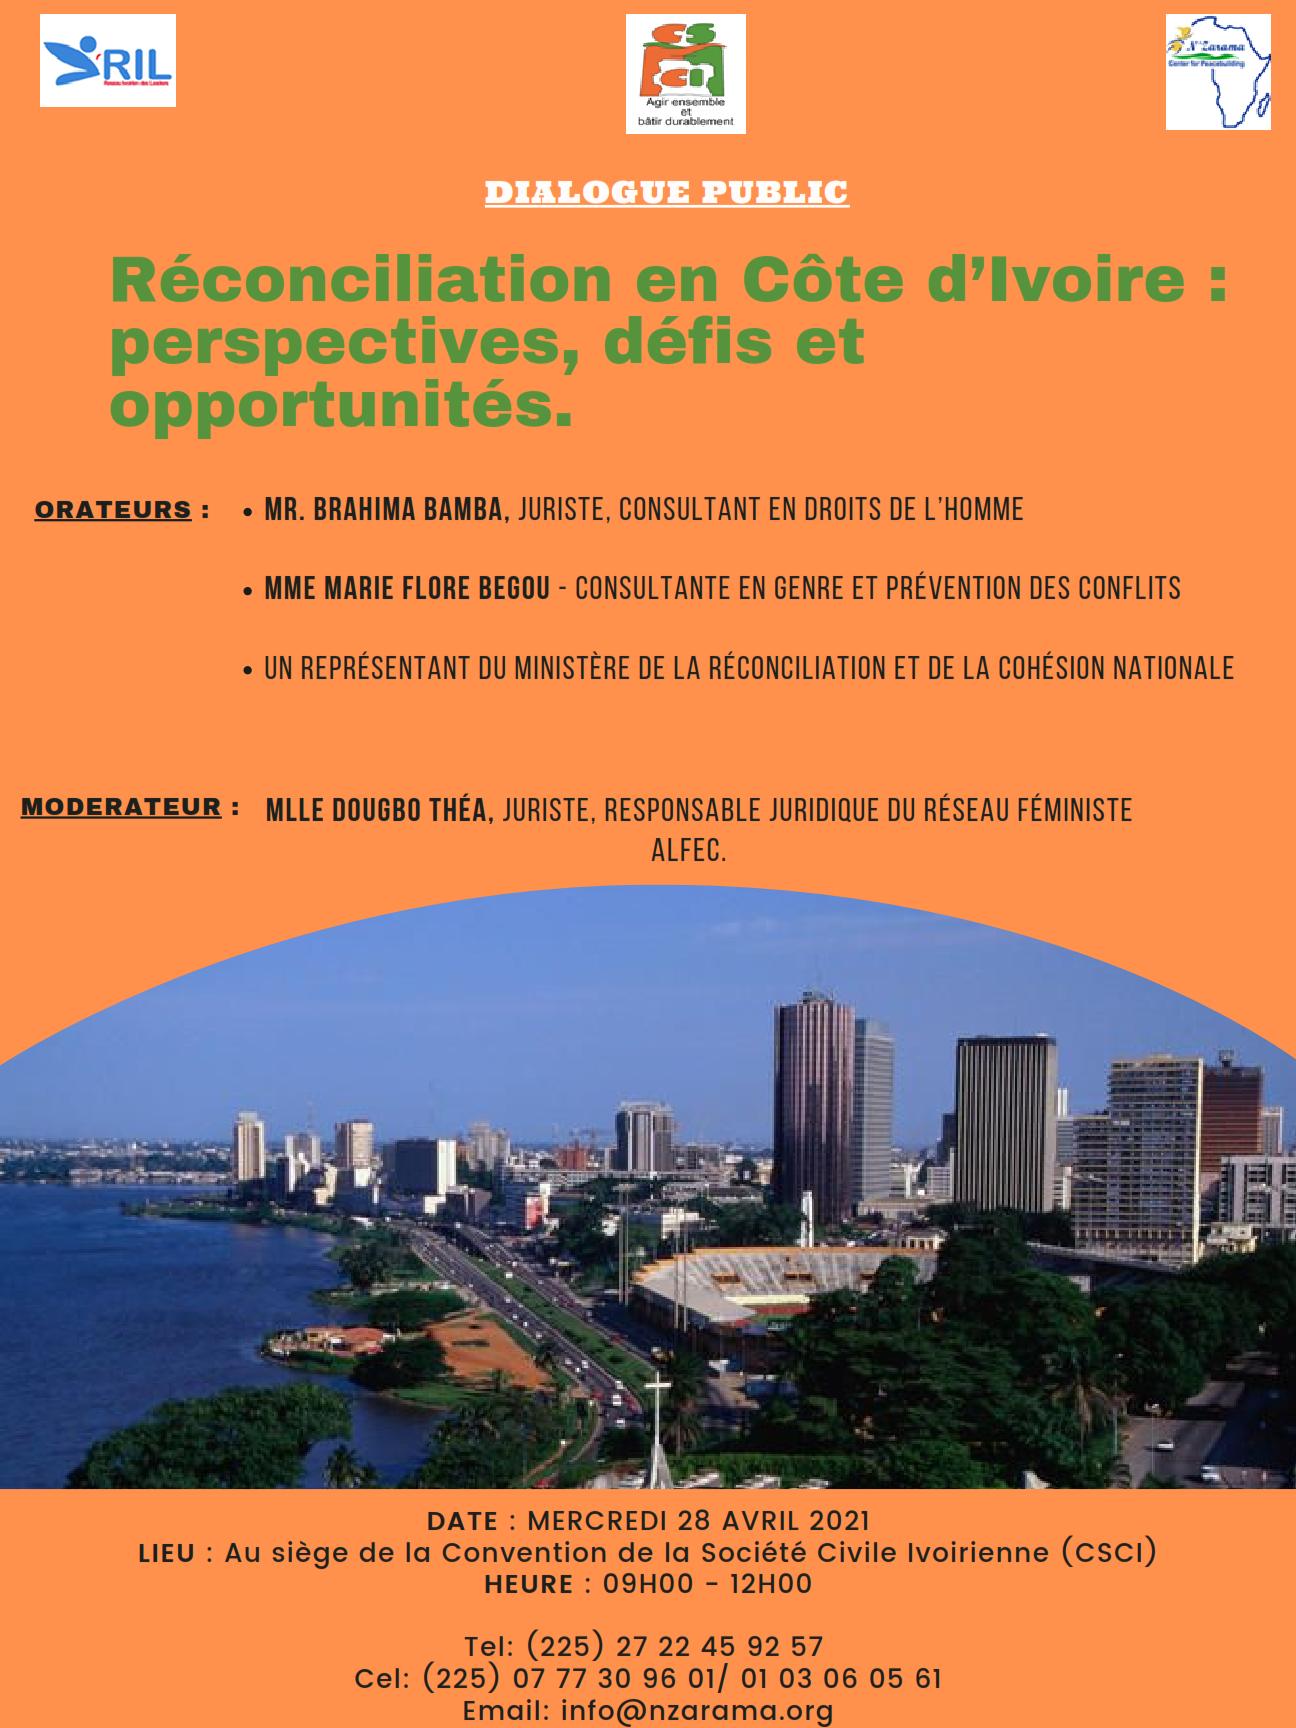 Dialogue public sur la réconciliation en Côte d'Ivoire